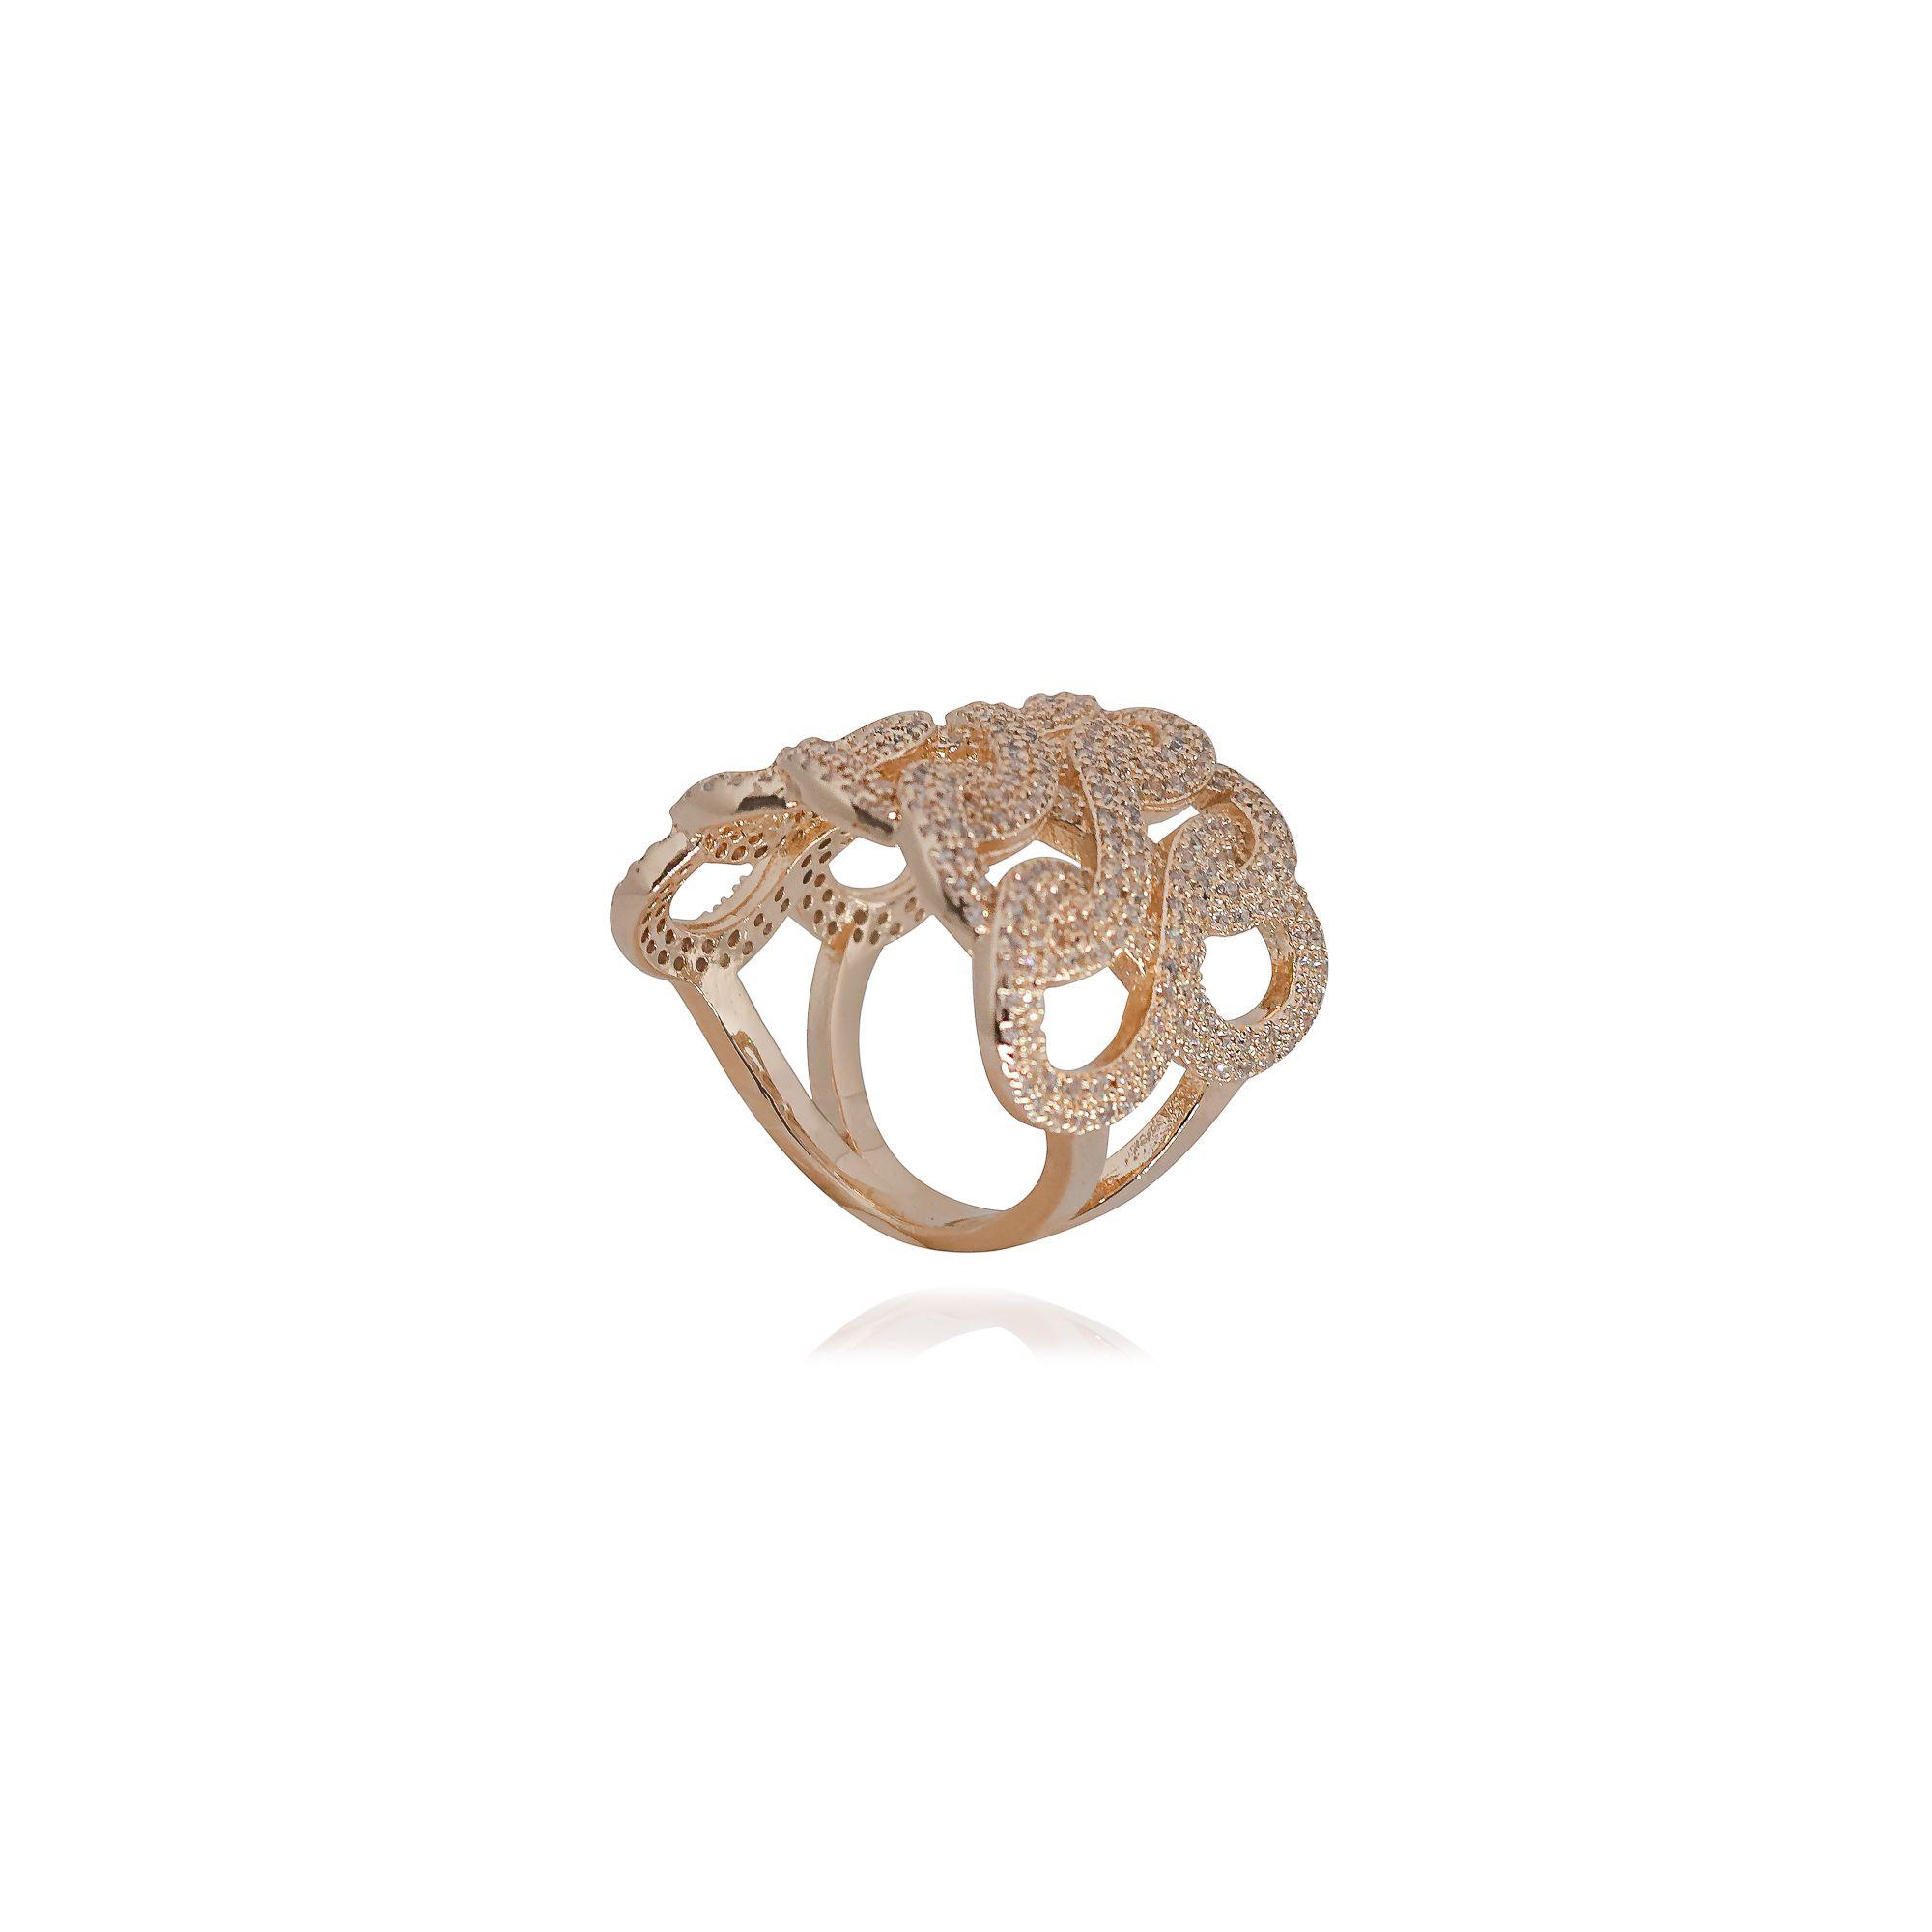 Anel Semi joia tranças em microzircônia e banhado a ouro 18k ou rhodium